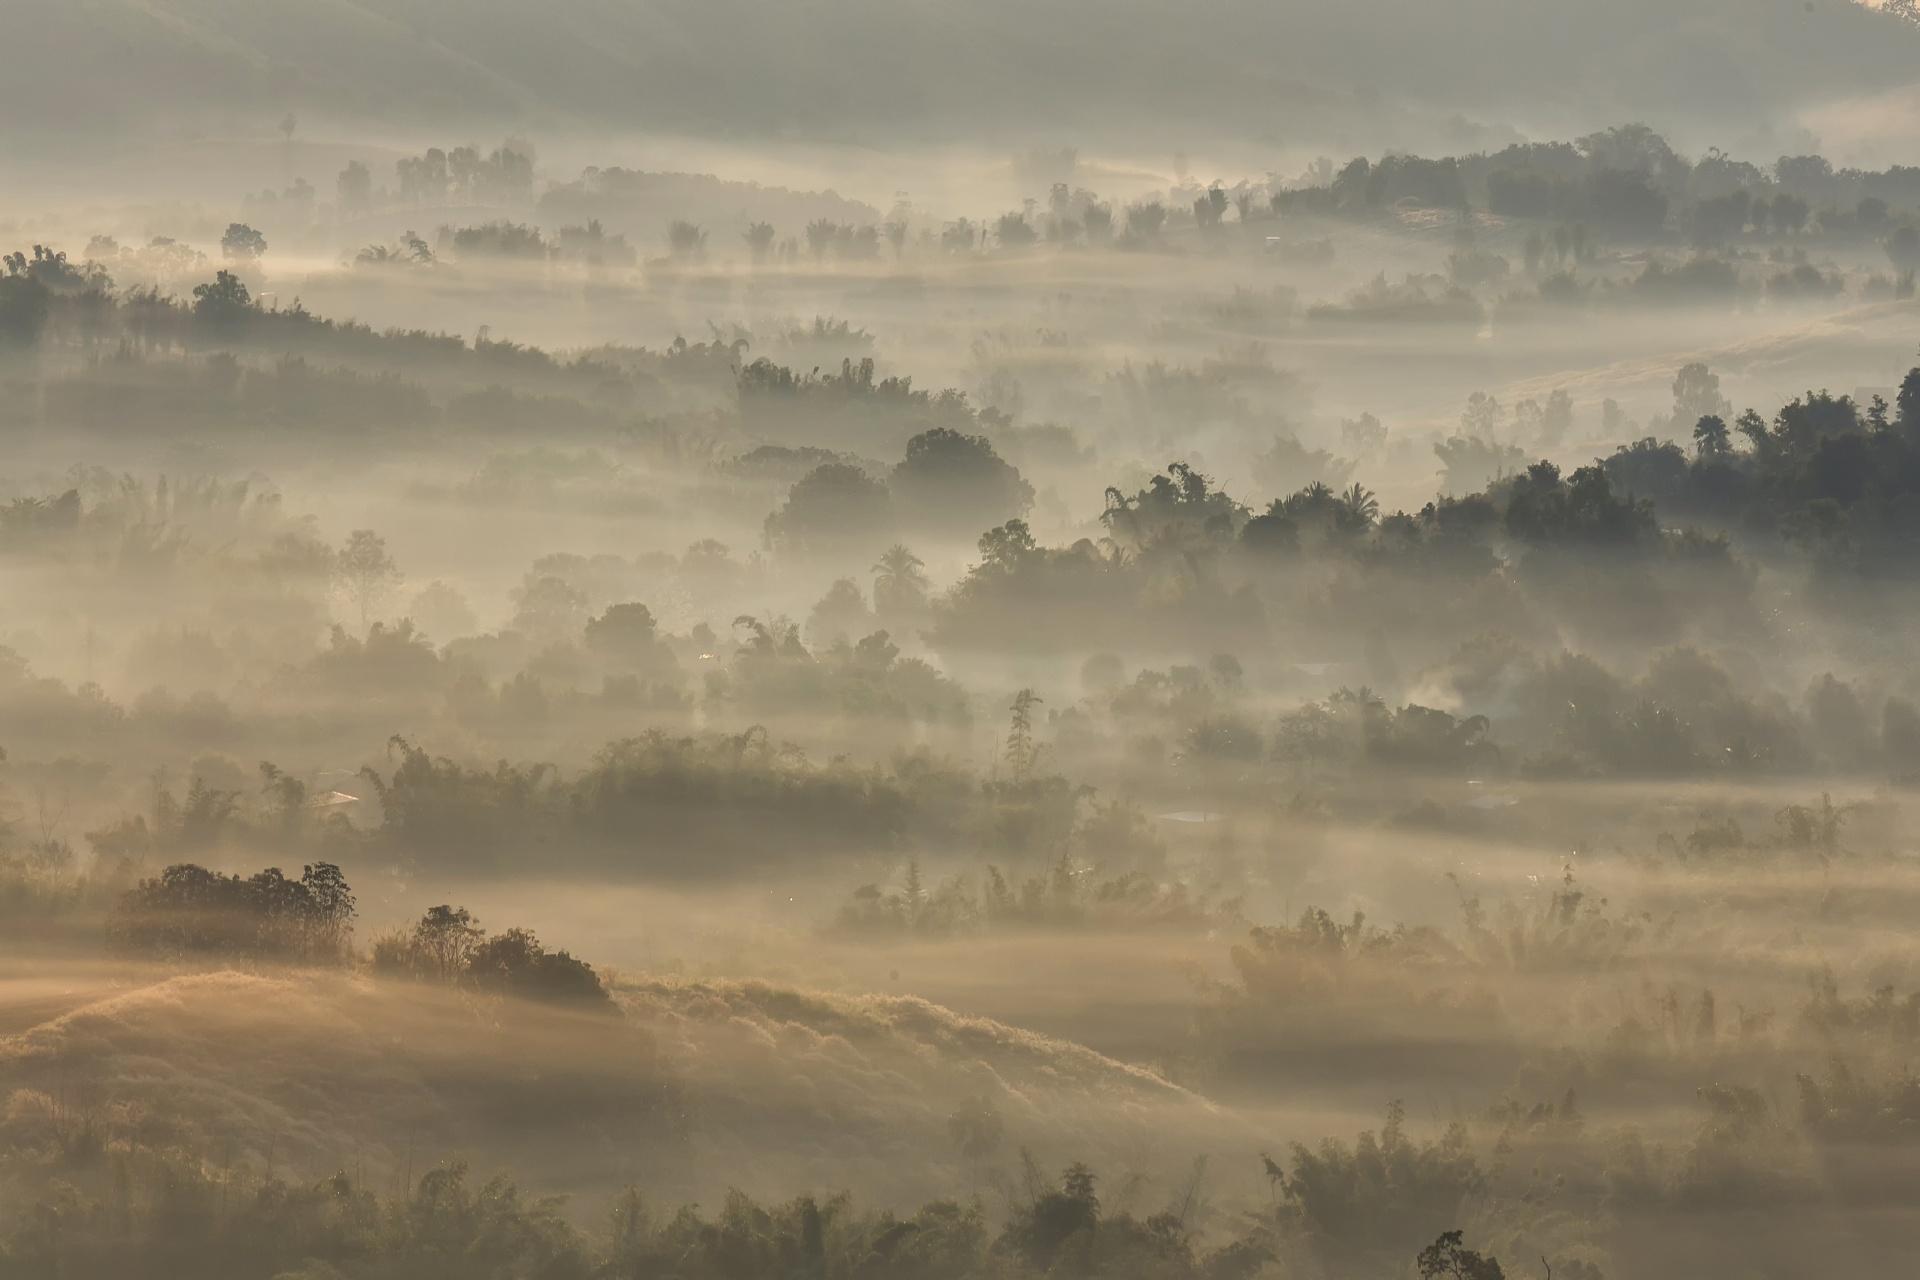 日の出の風景 山と朝霧 タイの風景